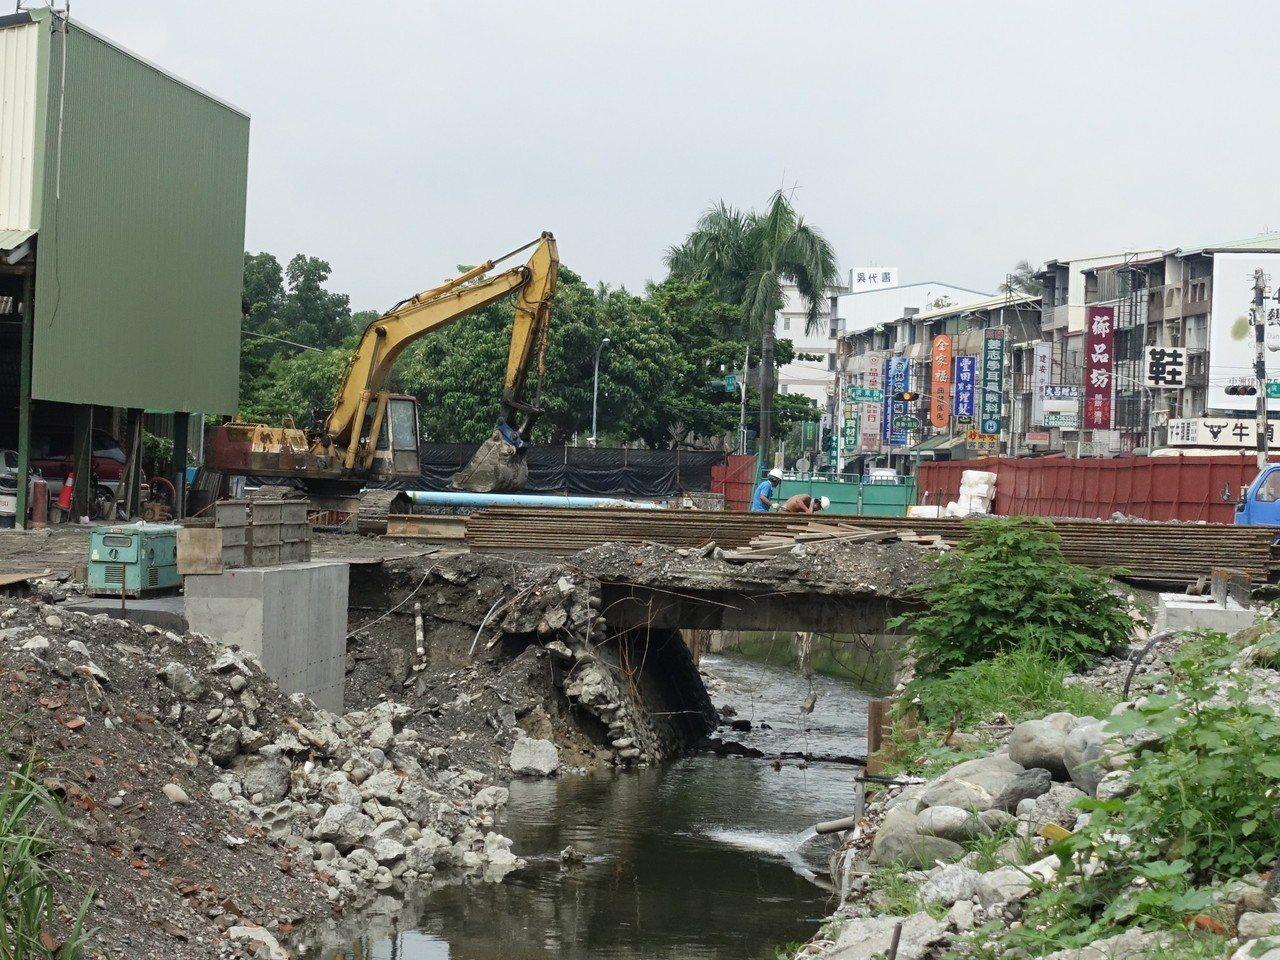 屏東市公所正進行萬年溪最後一段的整治工程。記者翁禎霞/攝影